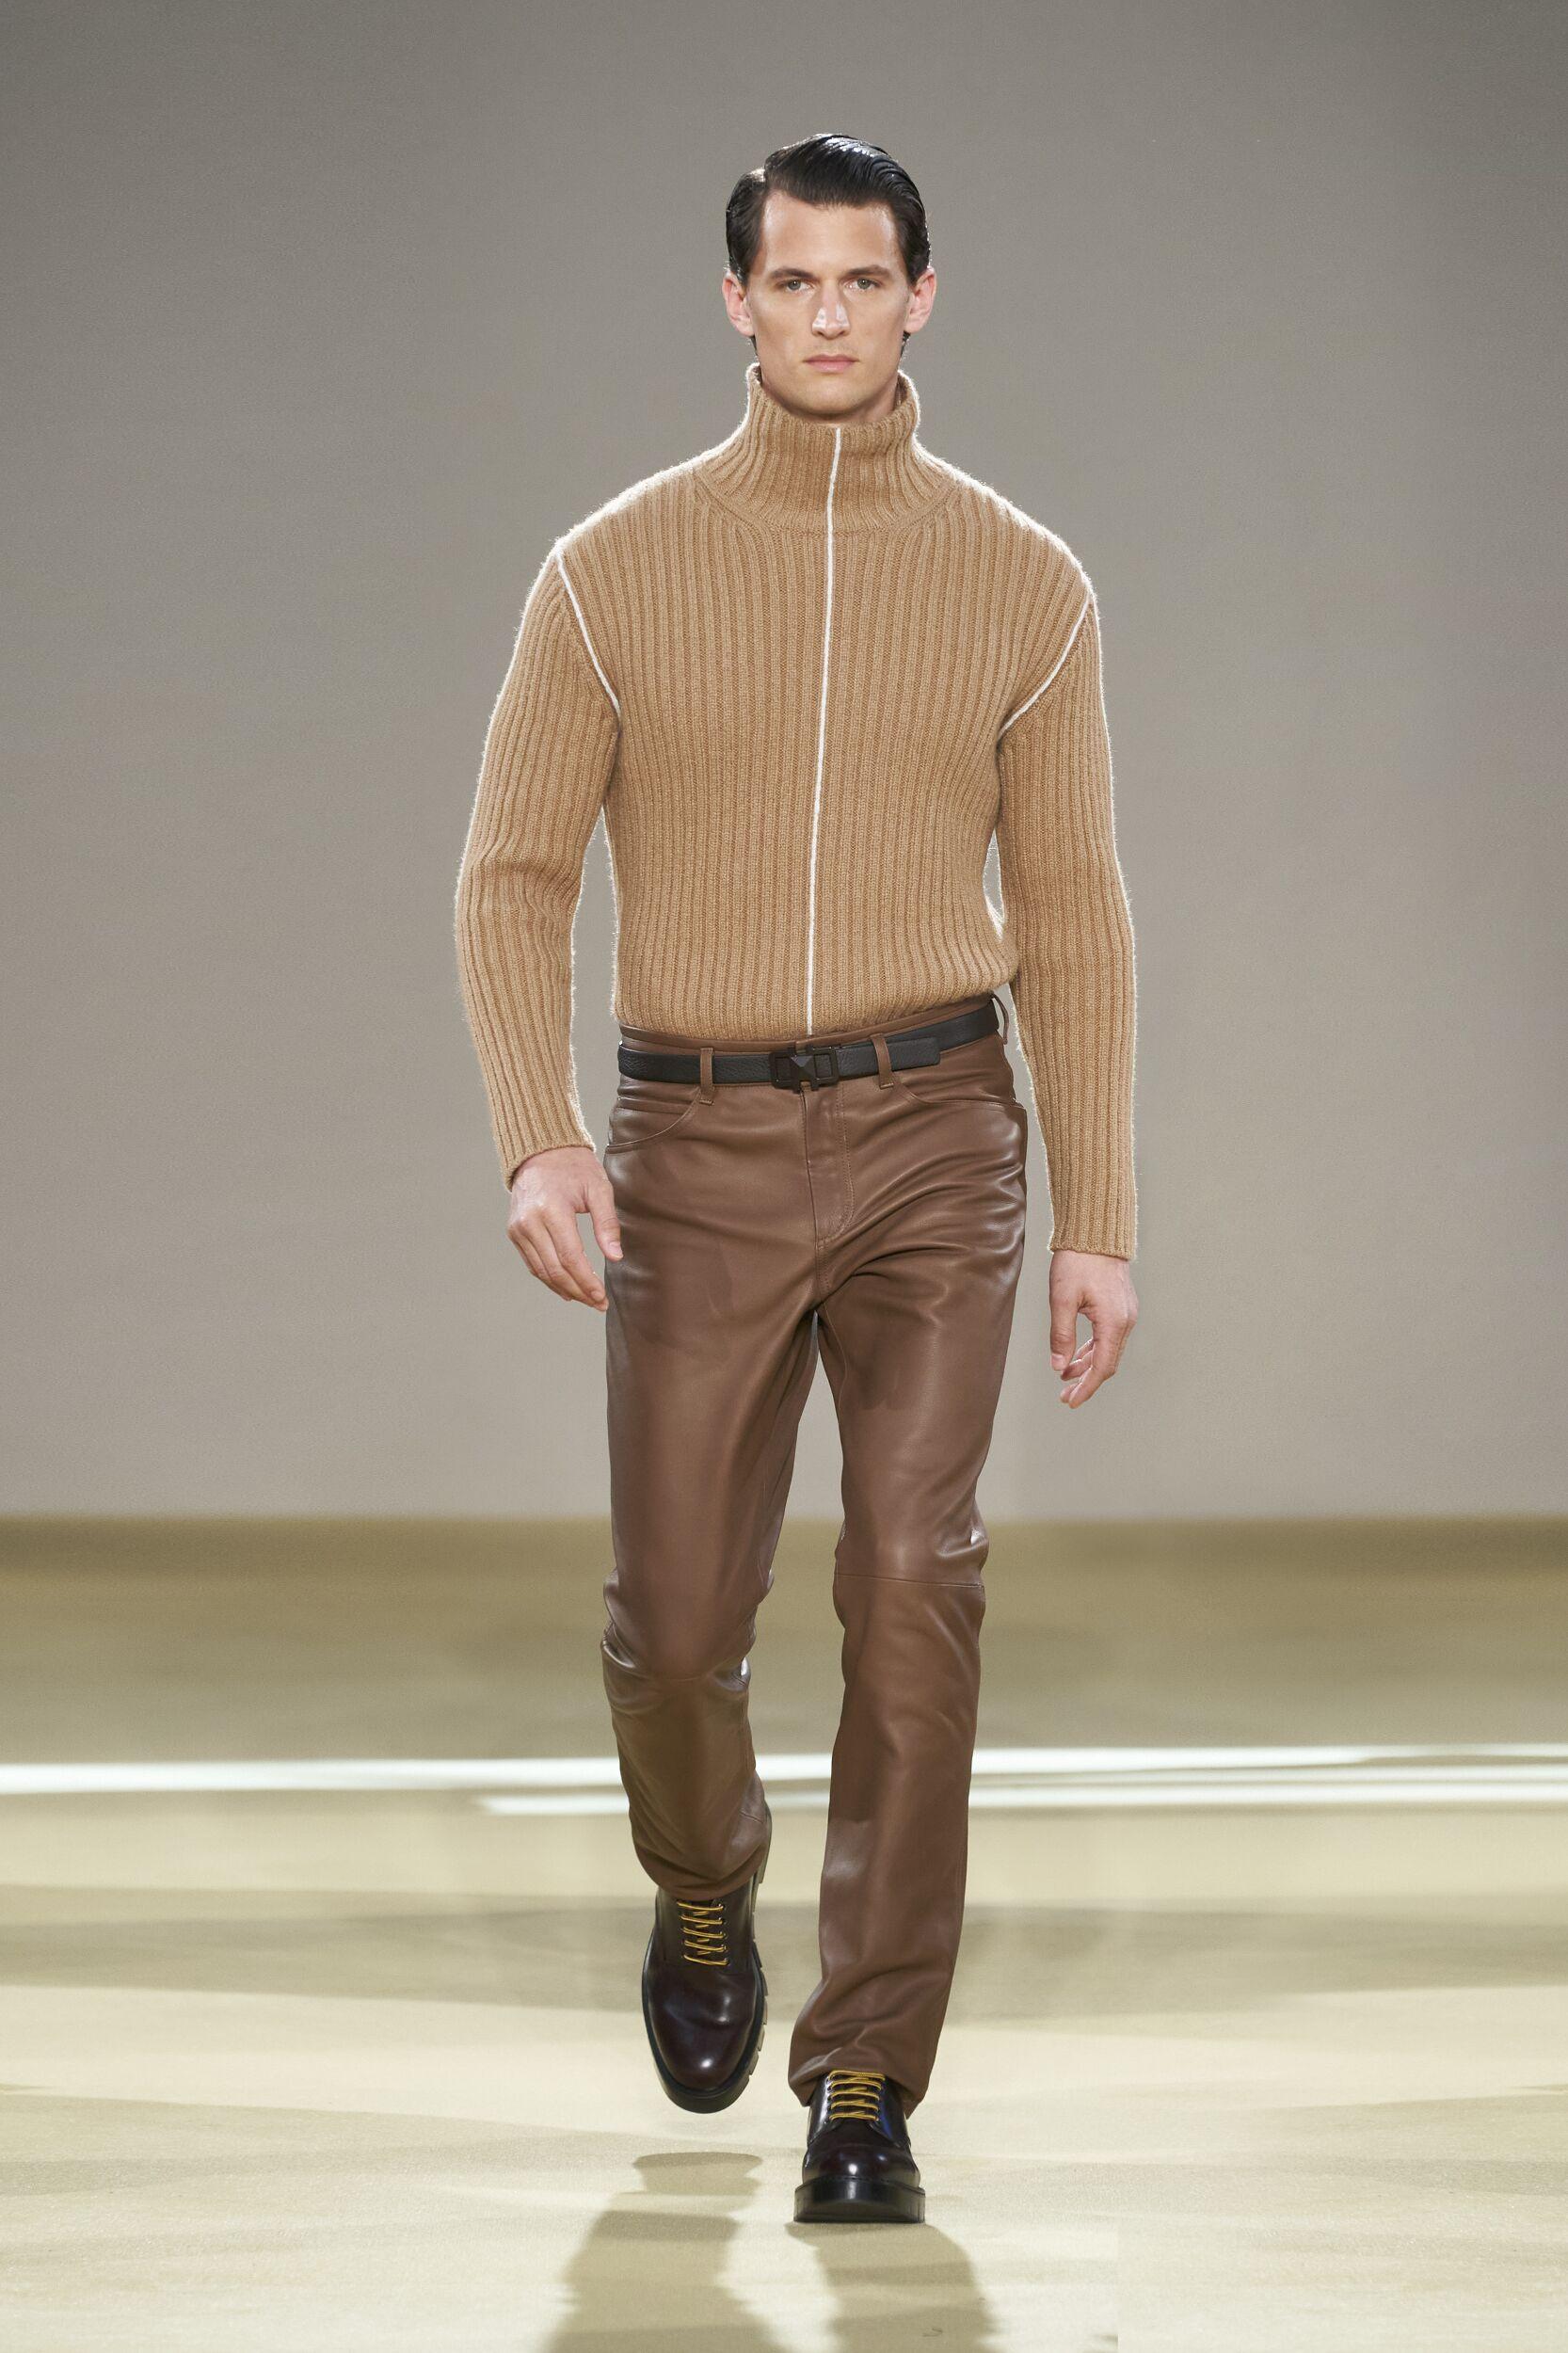 Salvatore Ferragamo FW 2020 Menswear